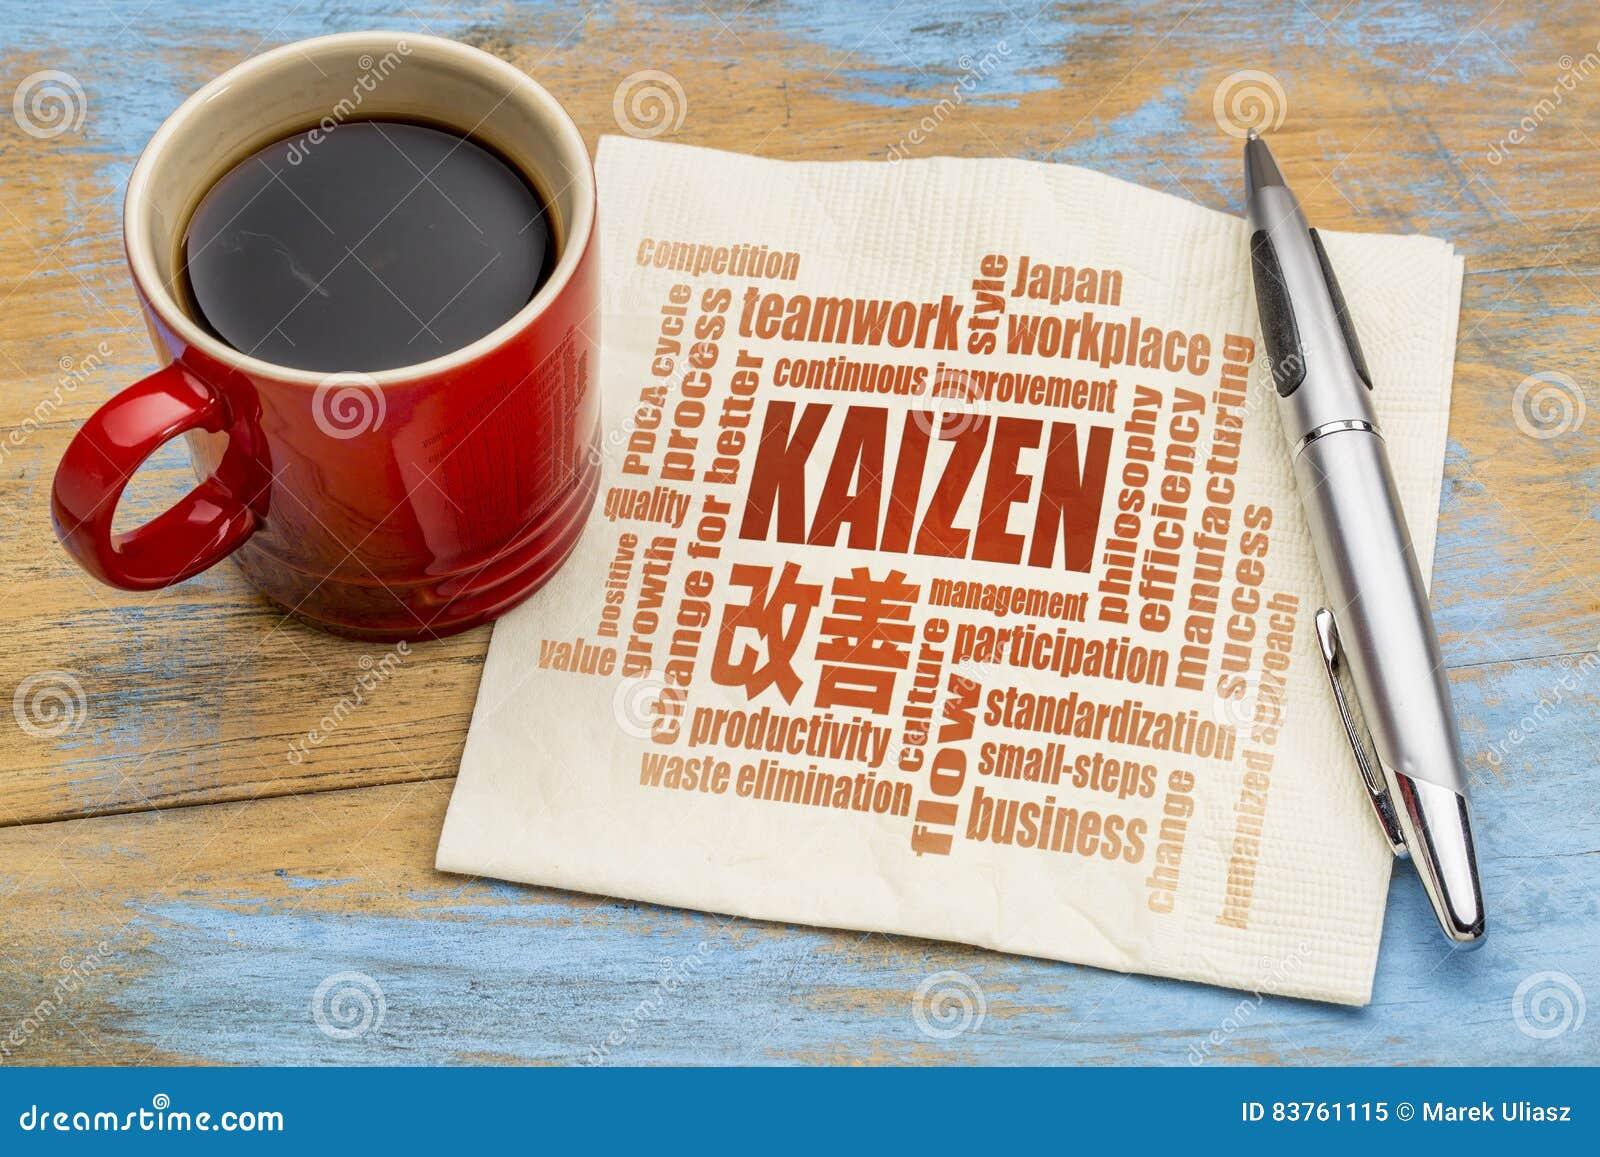 Kaizen Concept - Continuous Improvement Word Cloud Stock ...